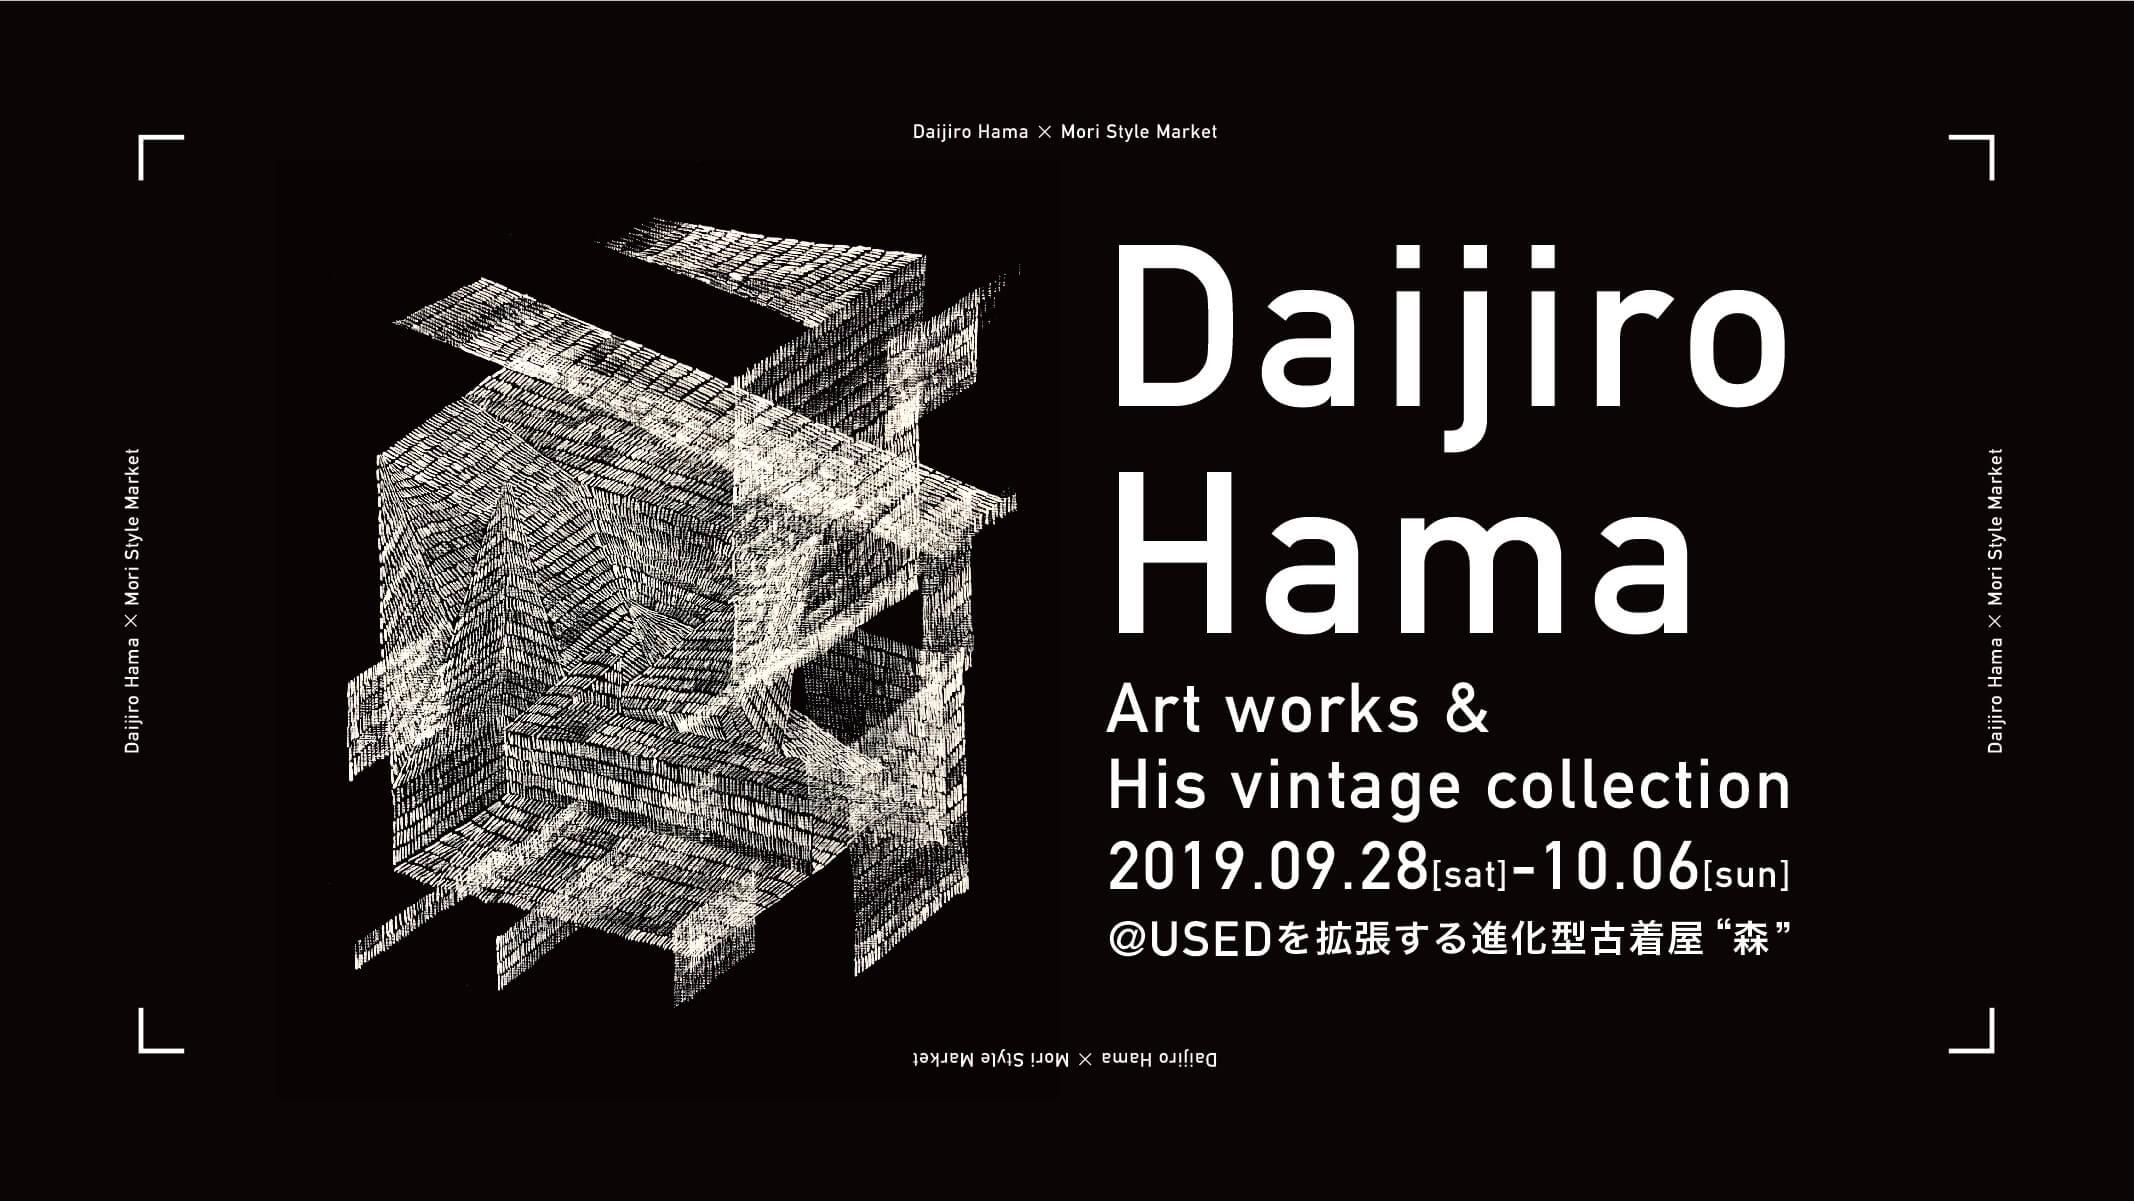 daijirohma_banner